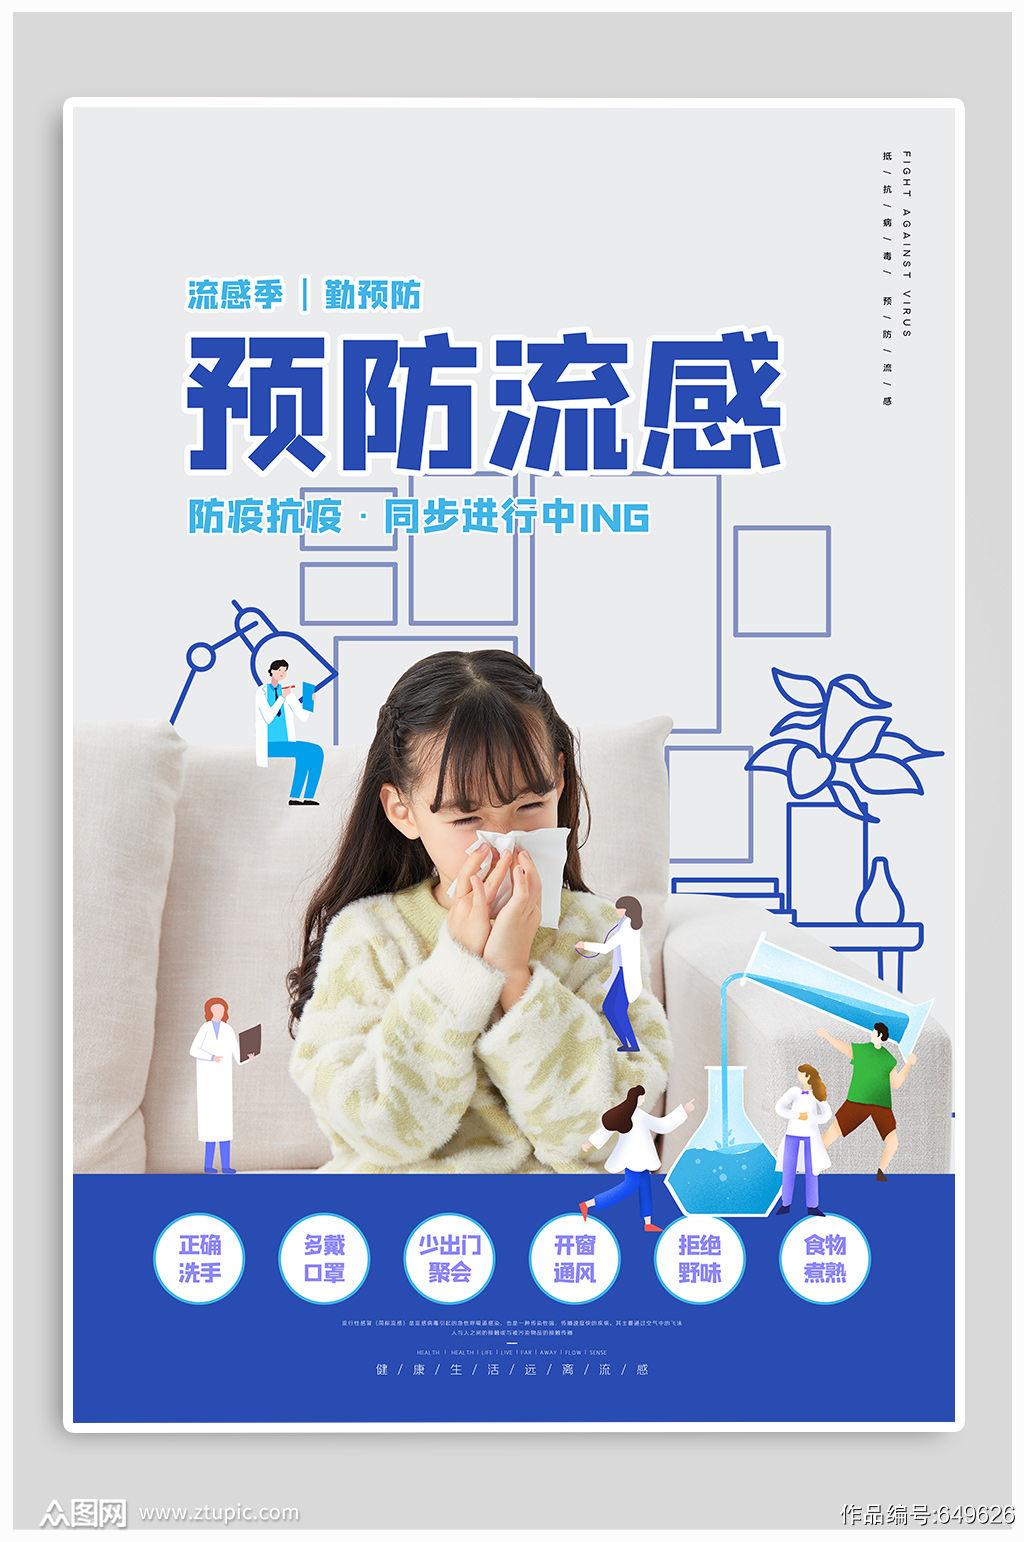 预防流感宣传海报素材